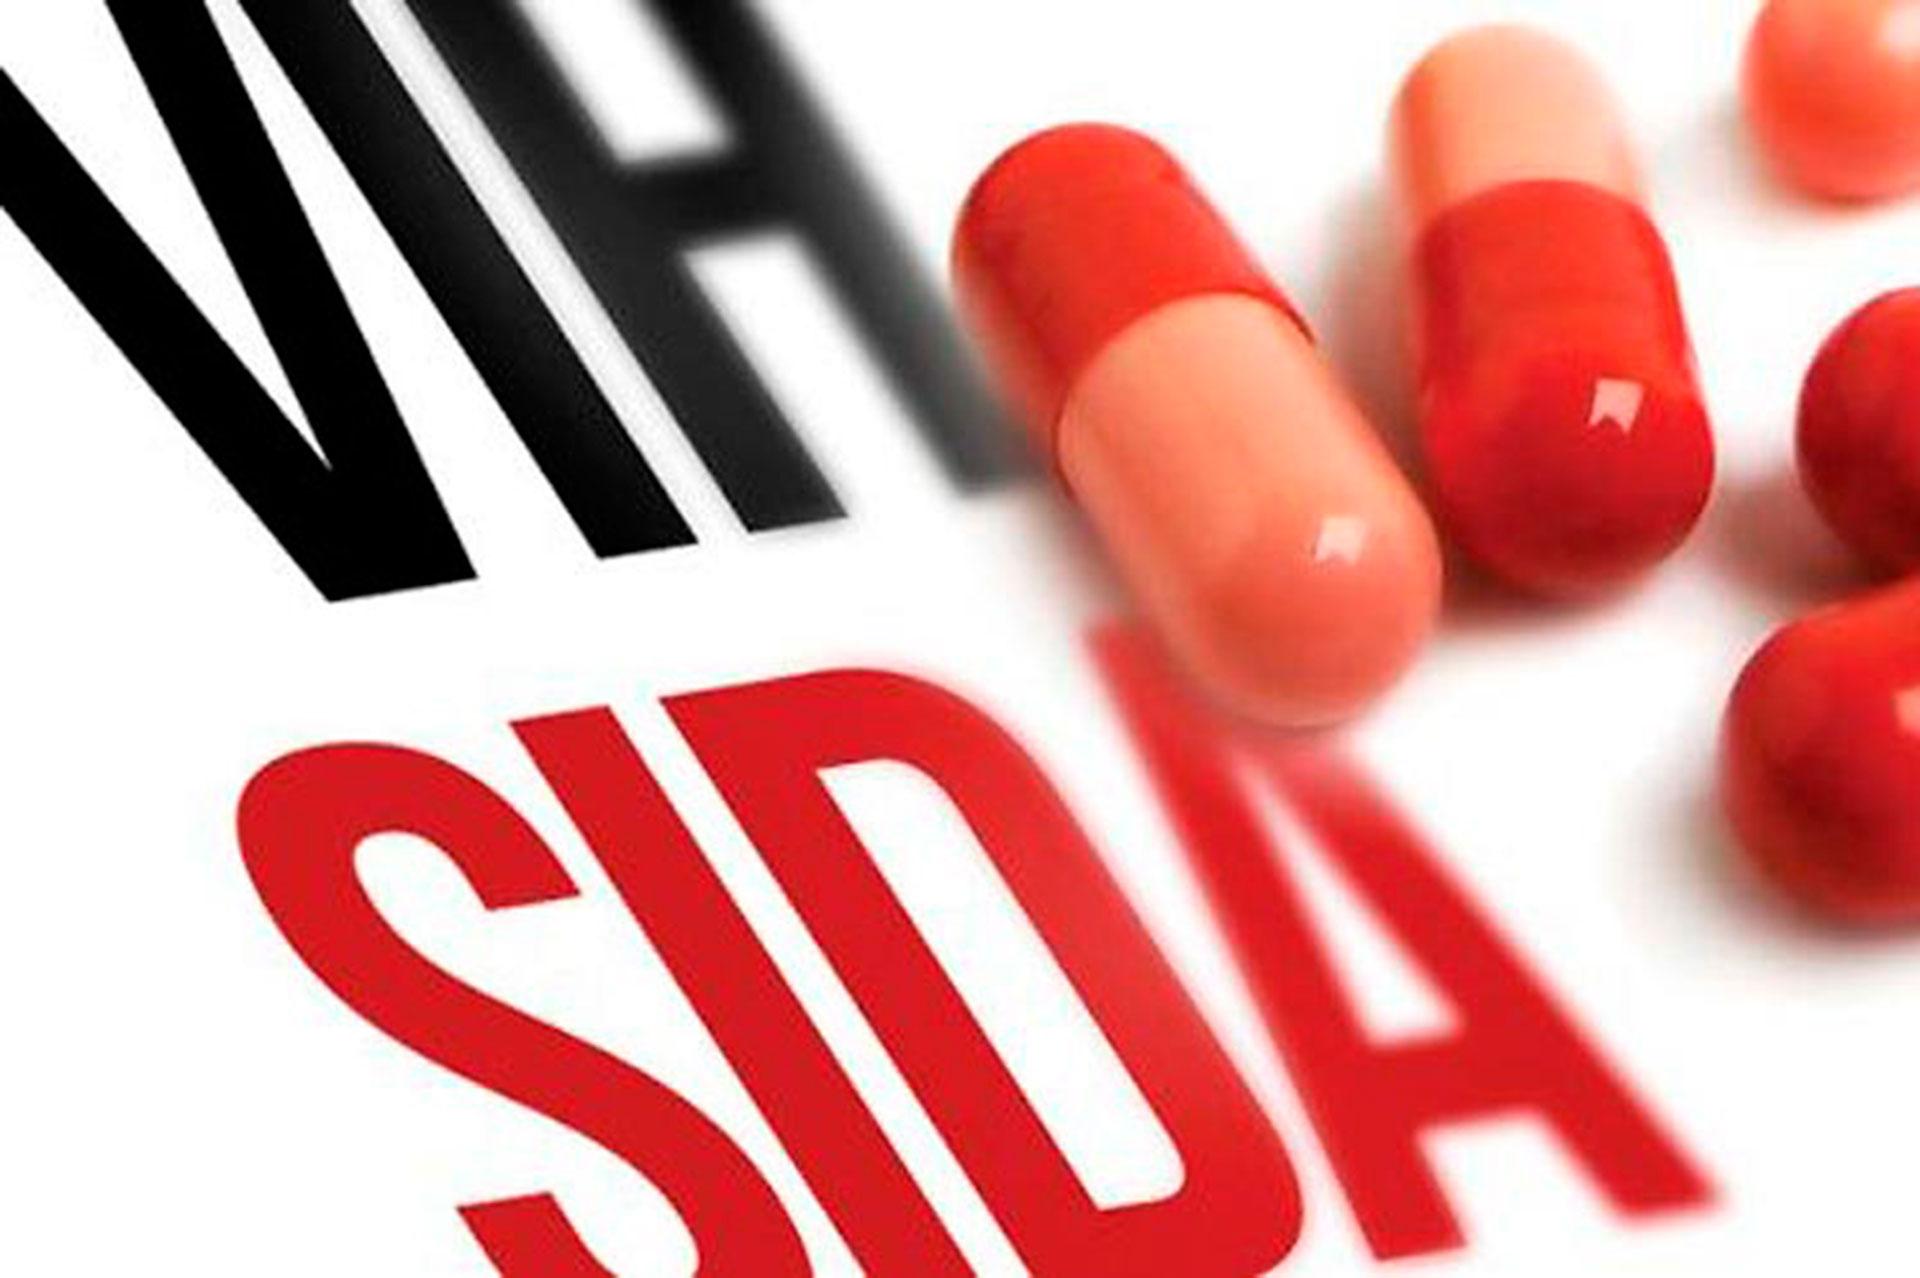 VIH en Chile: alarmante aumento de casos por año ¡Hazte el Examen!